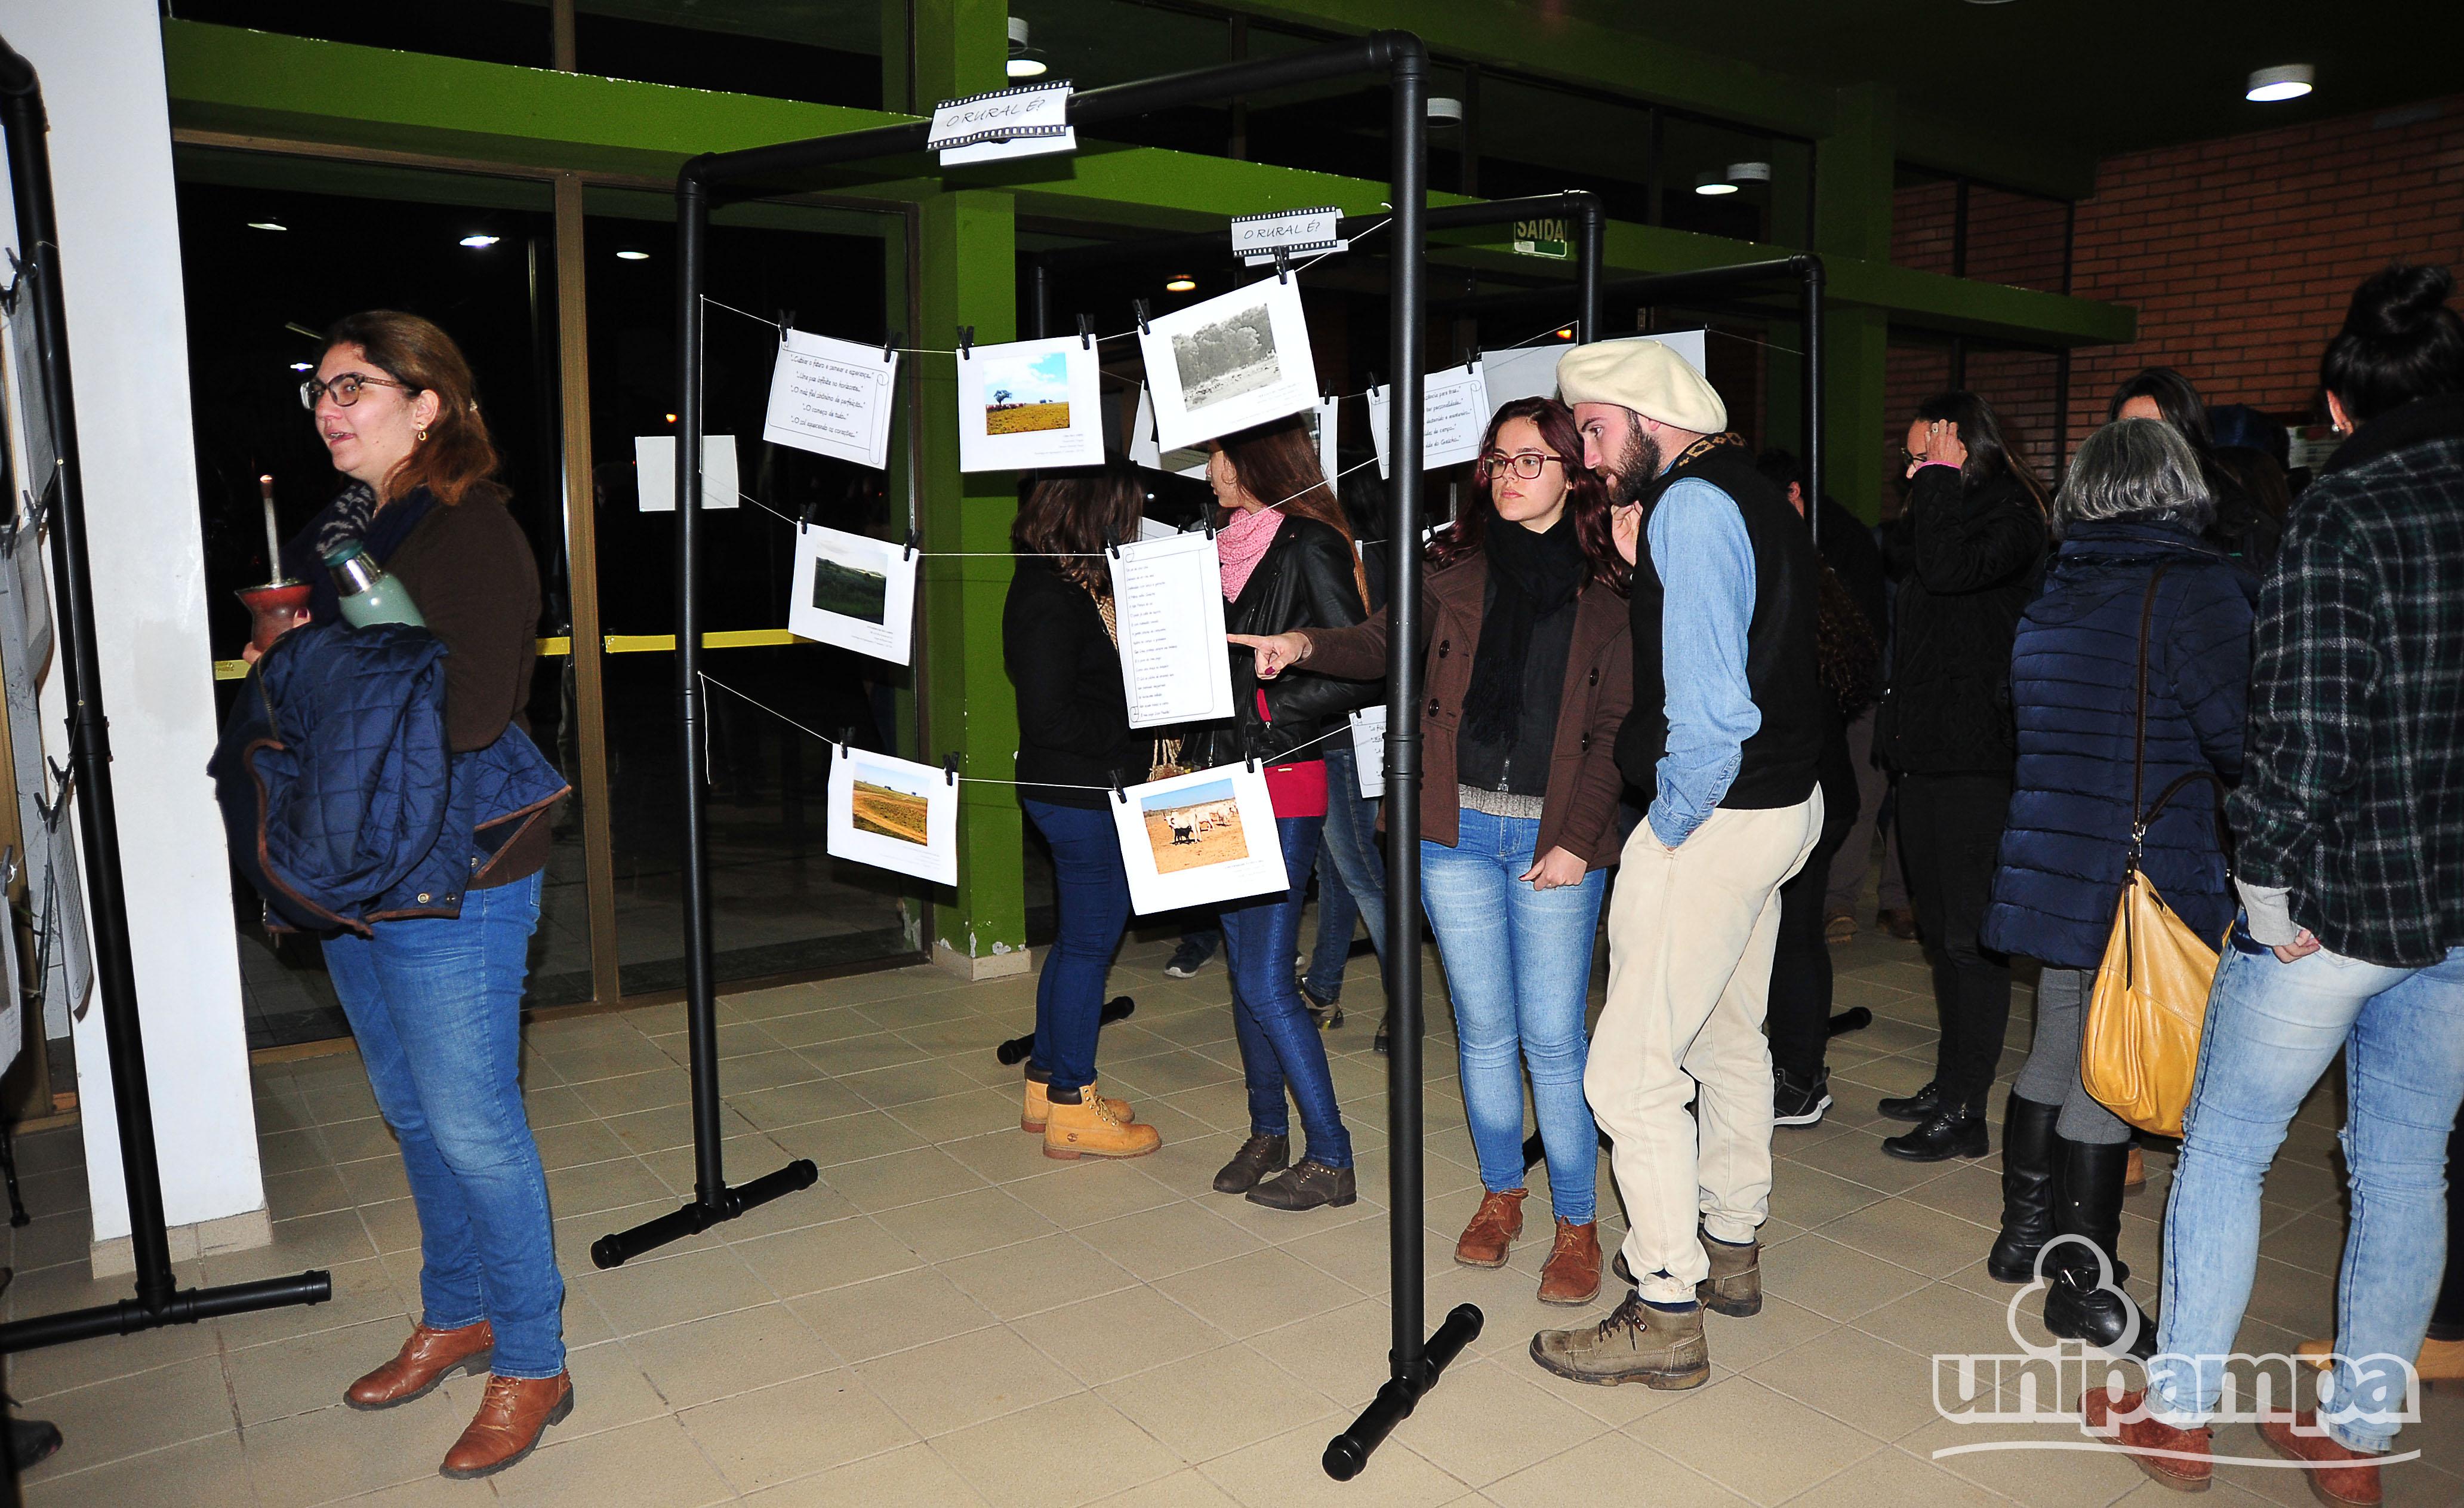 Pessoas em frente aos expositores, olhando as fotos